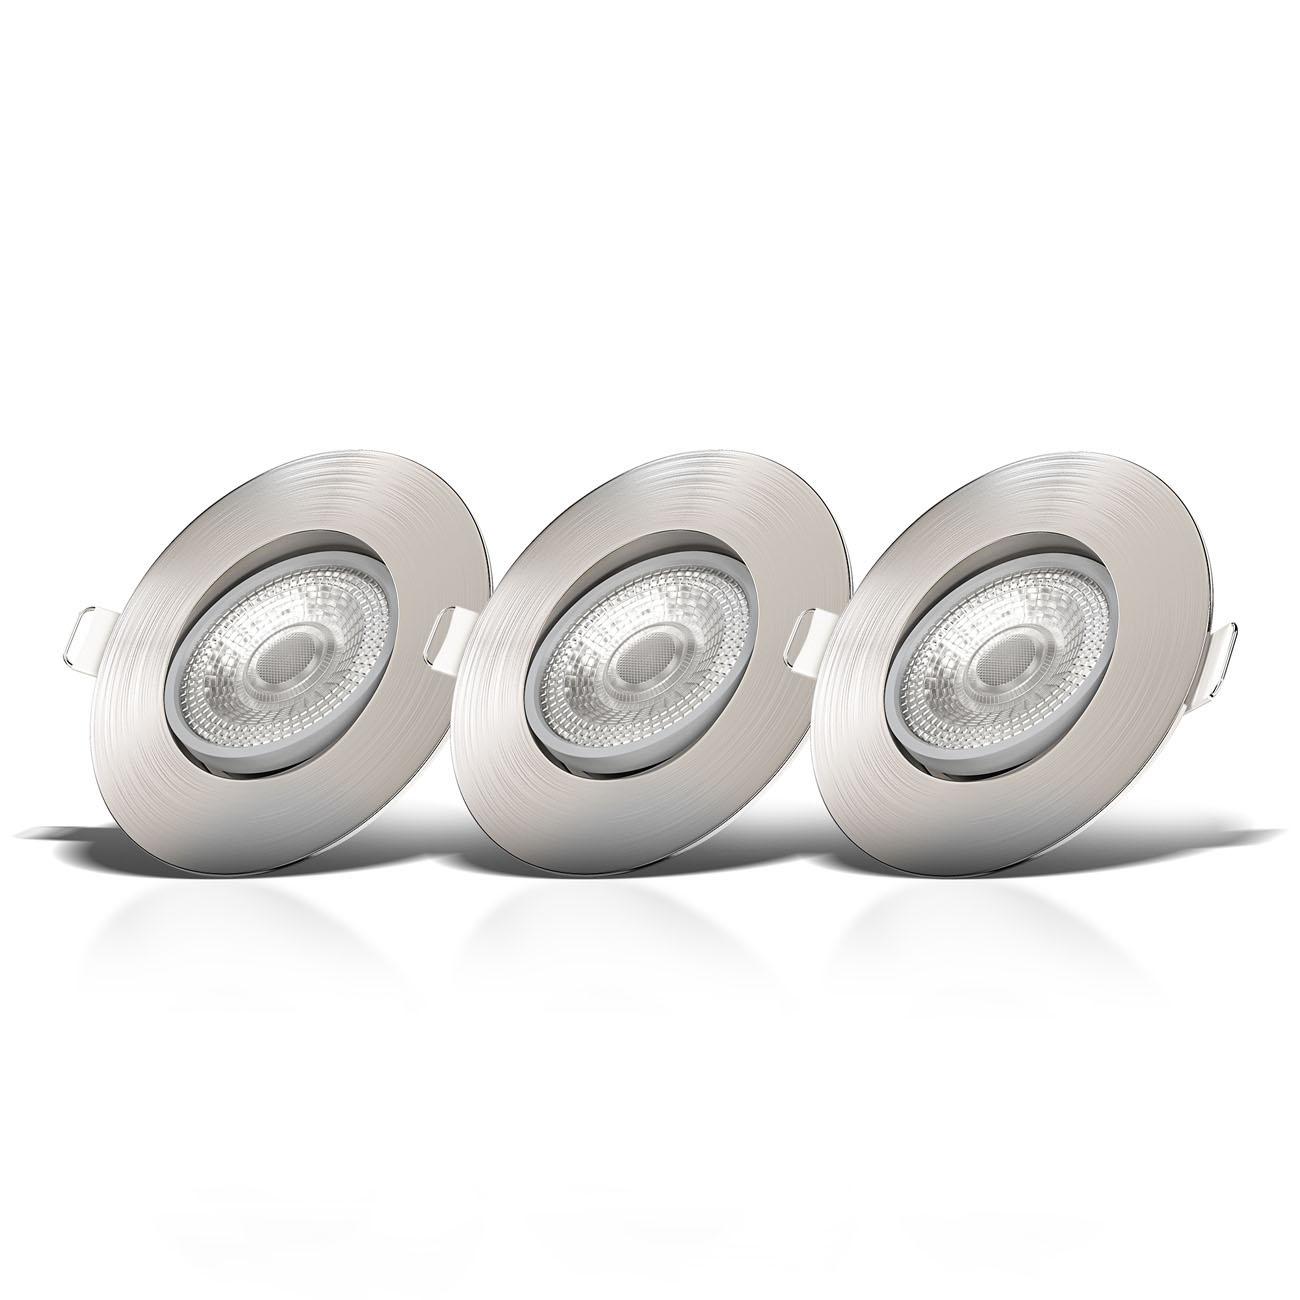 LED Einbaustrahler | Einbauleuchte 3er SET | ultra flach 5W schwenkbar dimmbar - 3